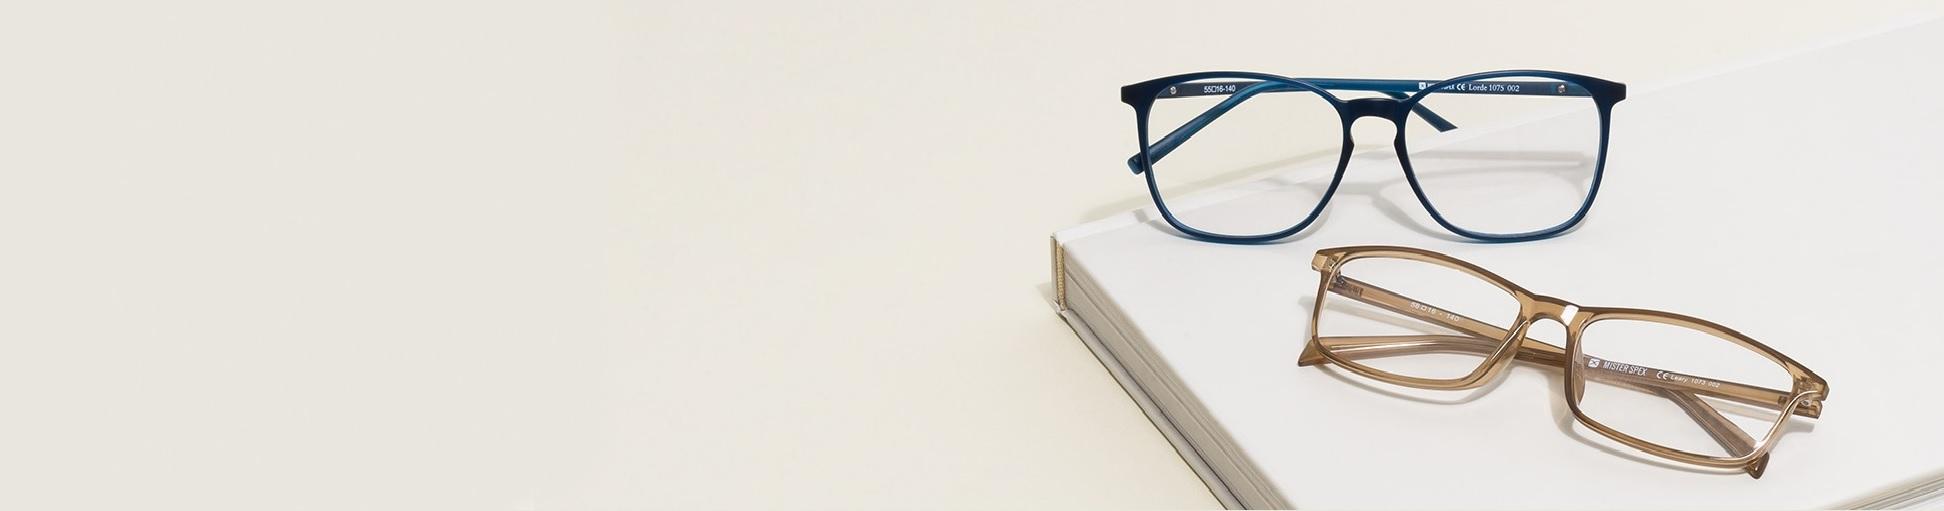 8f98267b0b Comprar gafas progresivas online | Mister Spex